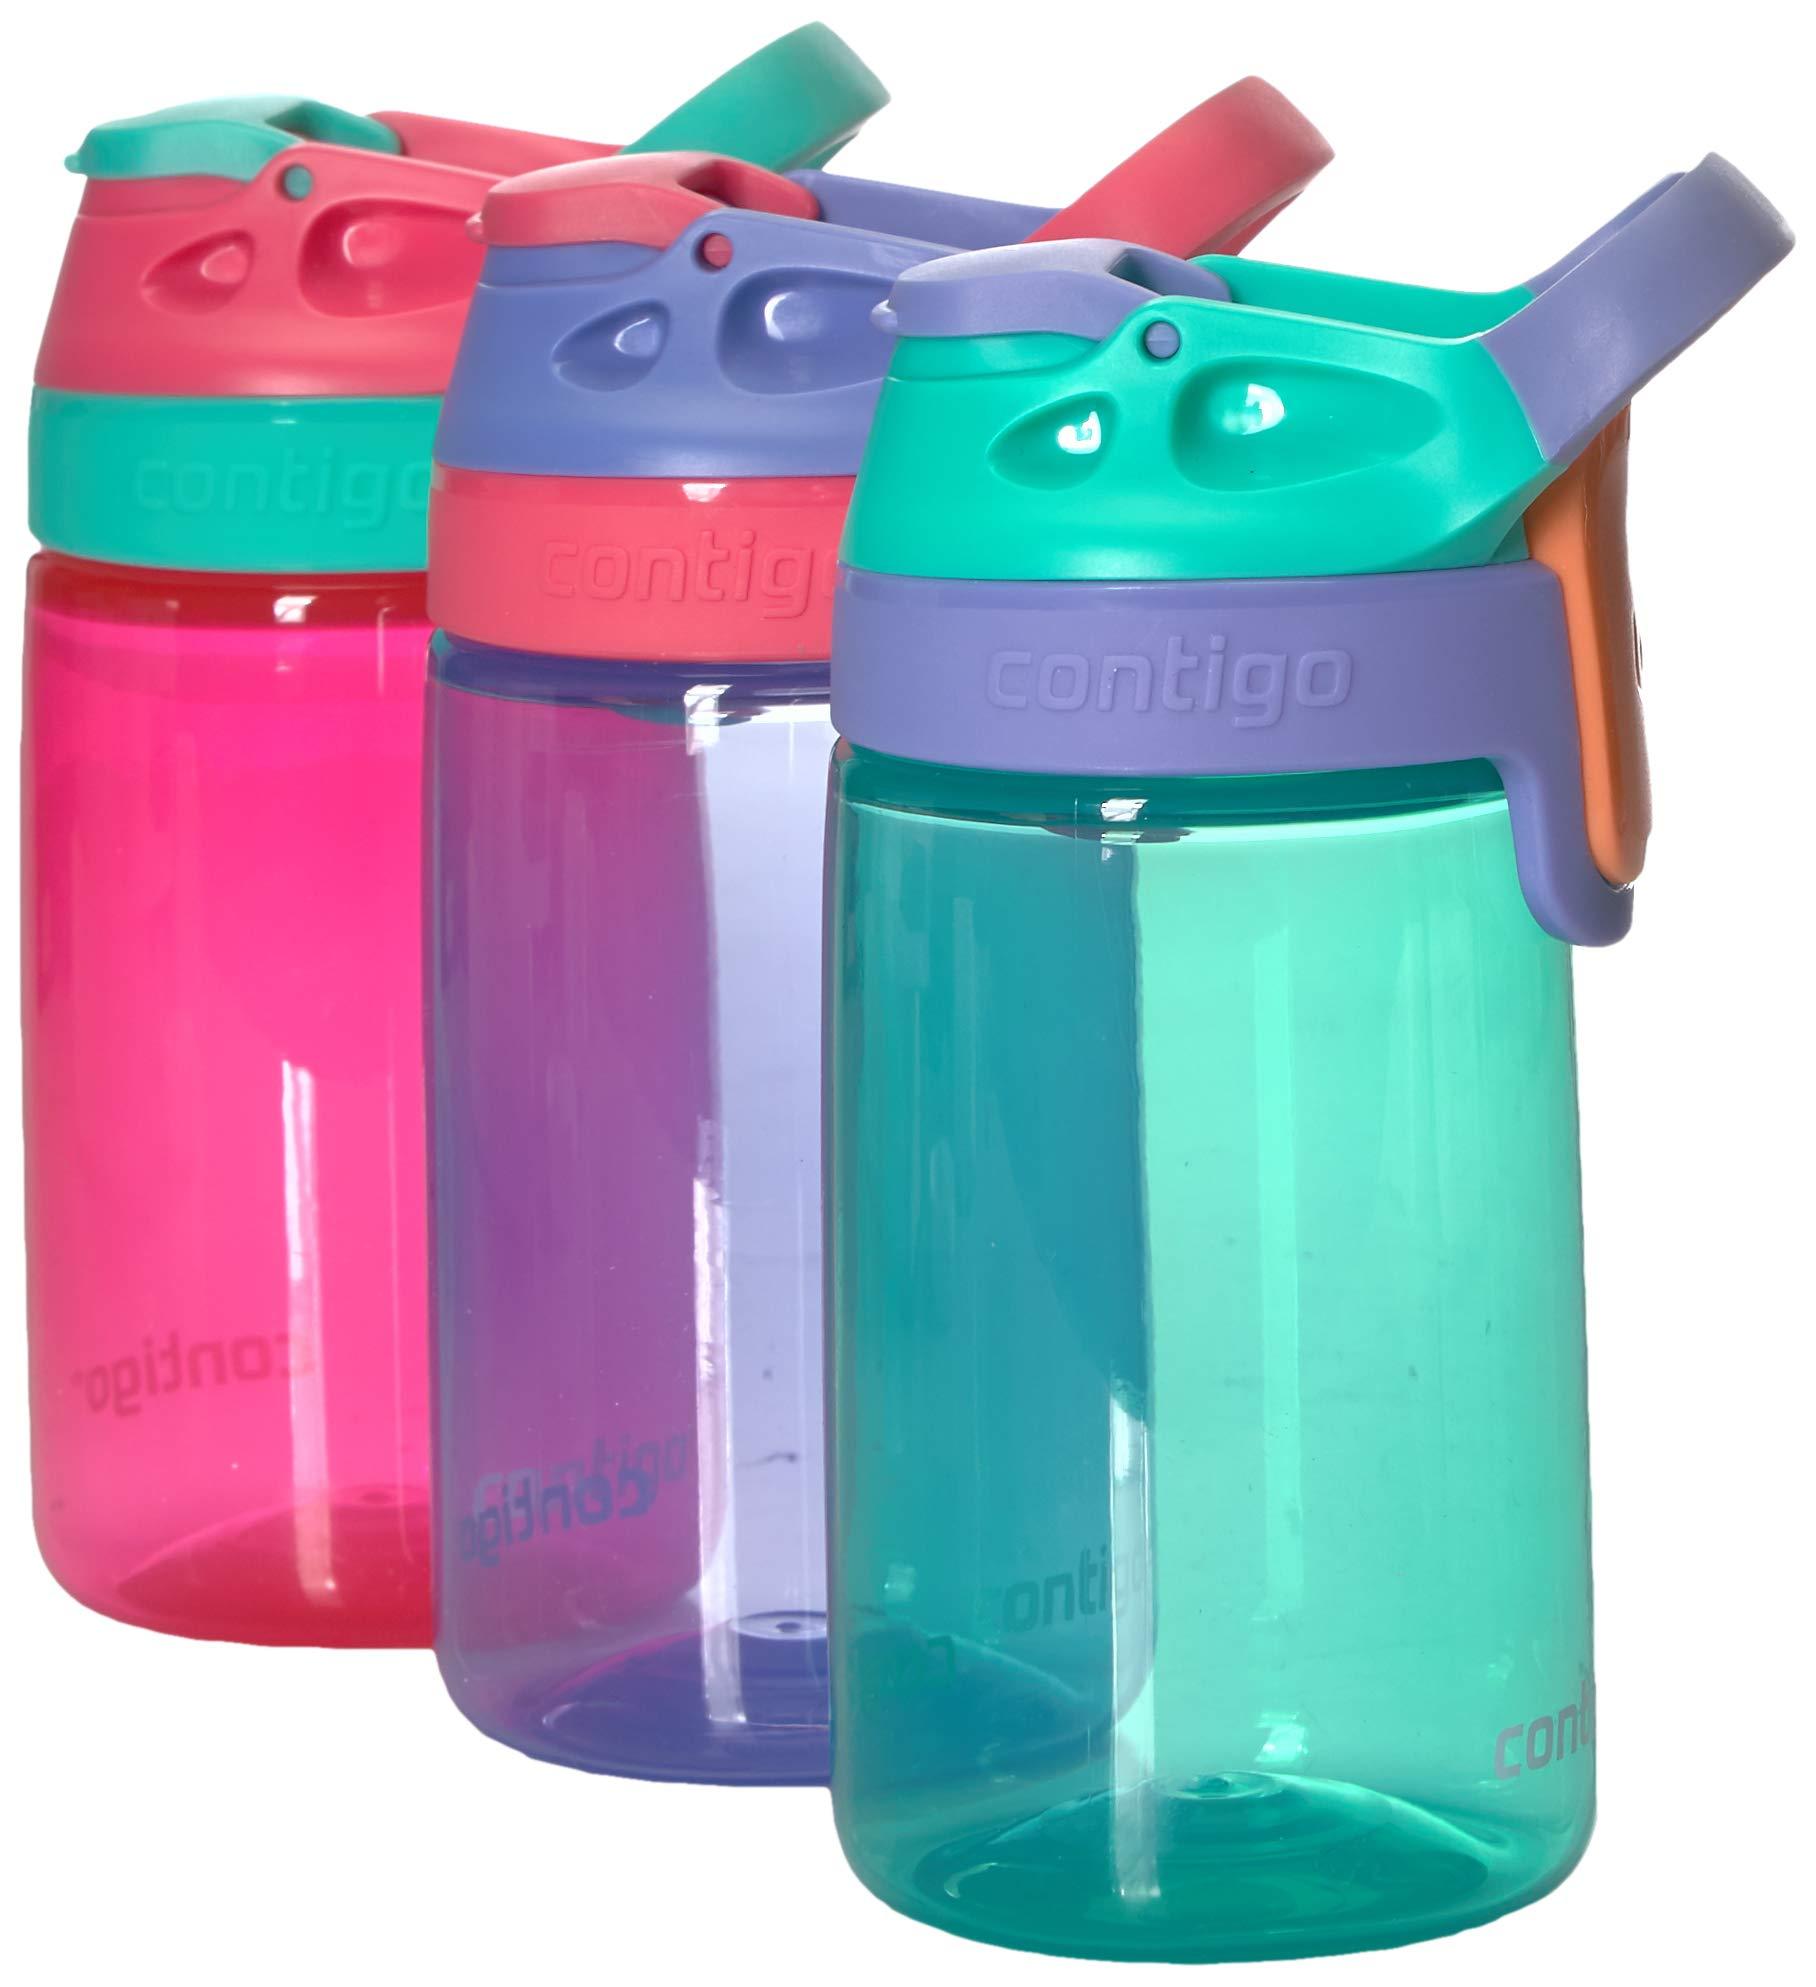 Contigo Kids Autoseal Gizmo Water Bottles, 14oz (Sprinkles/Wink/Persian Green) by Contigo